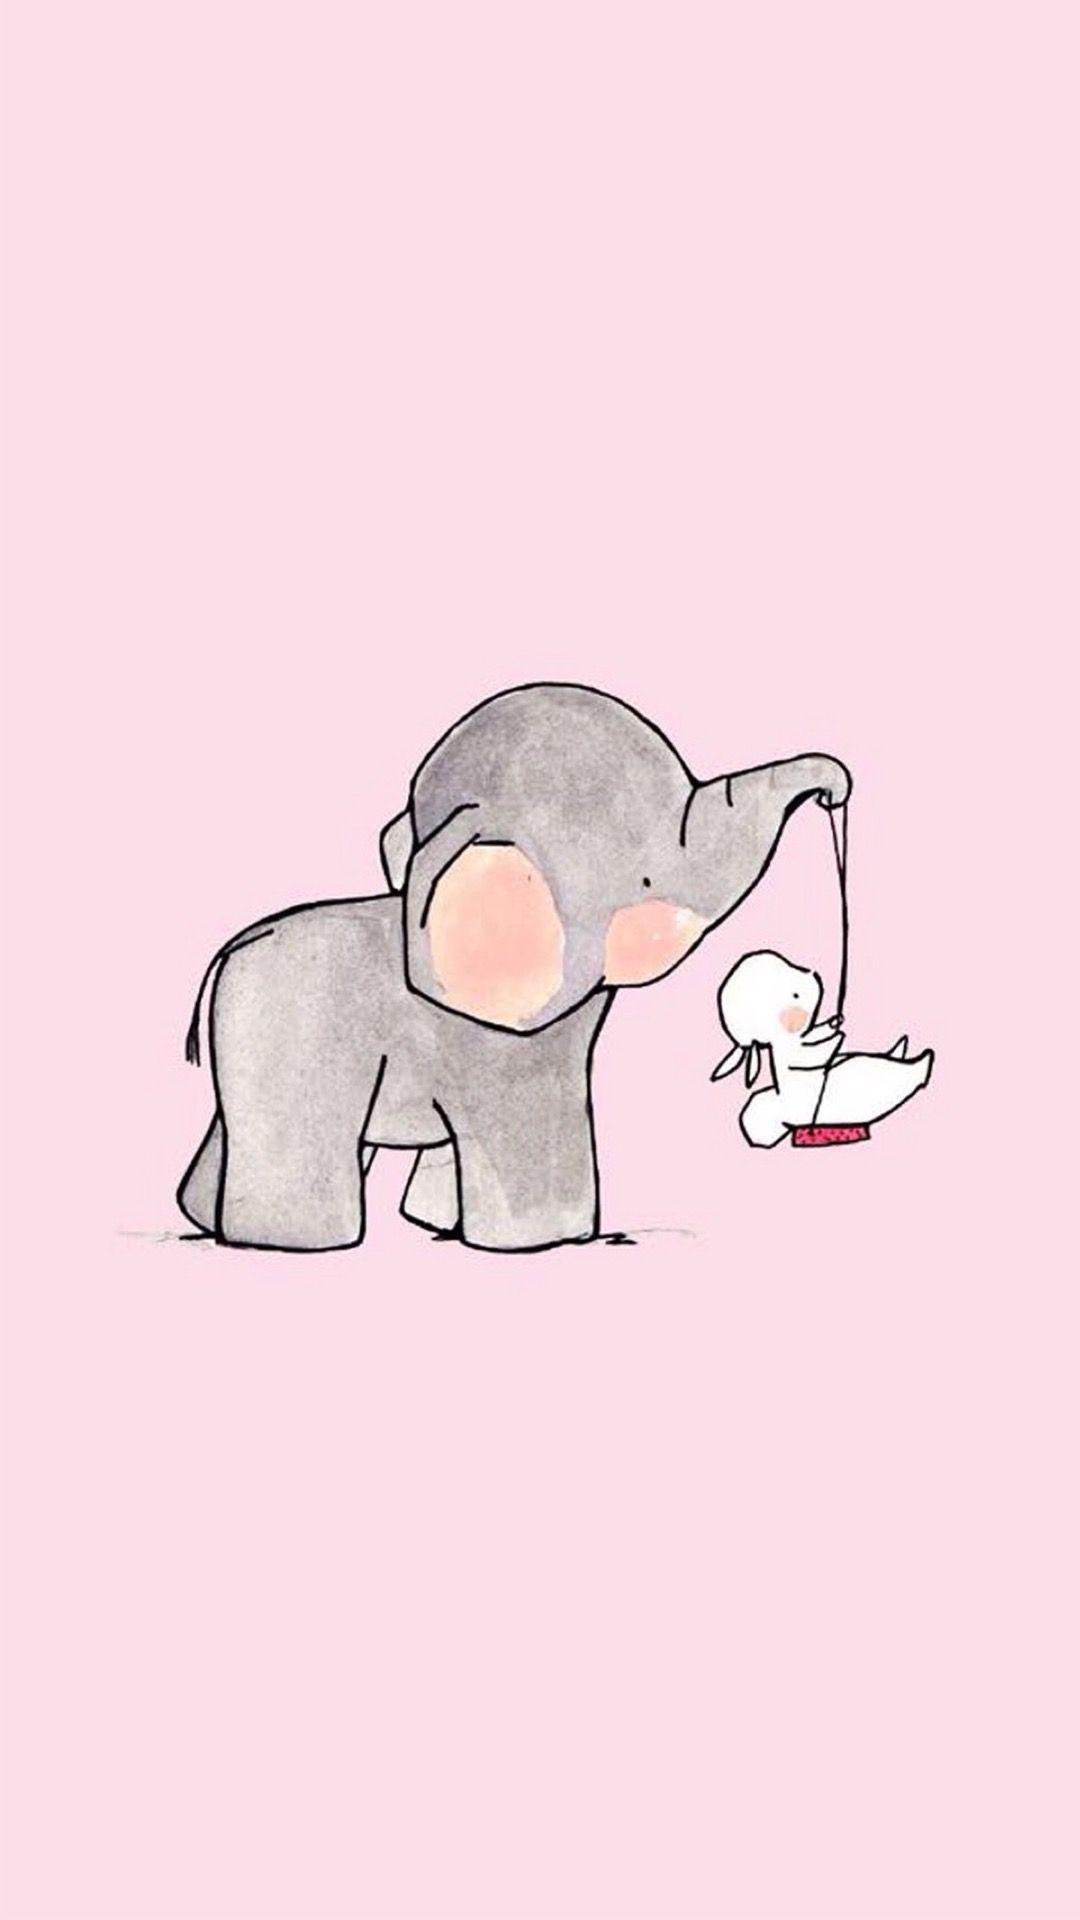 kawaii elephant wallpapers